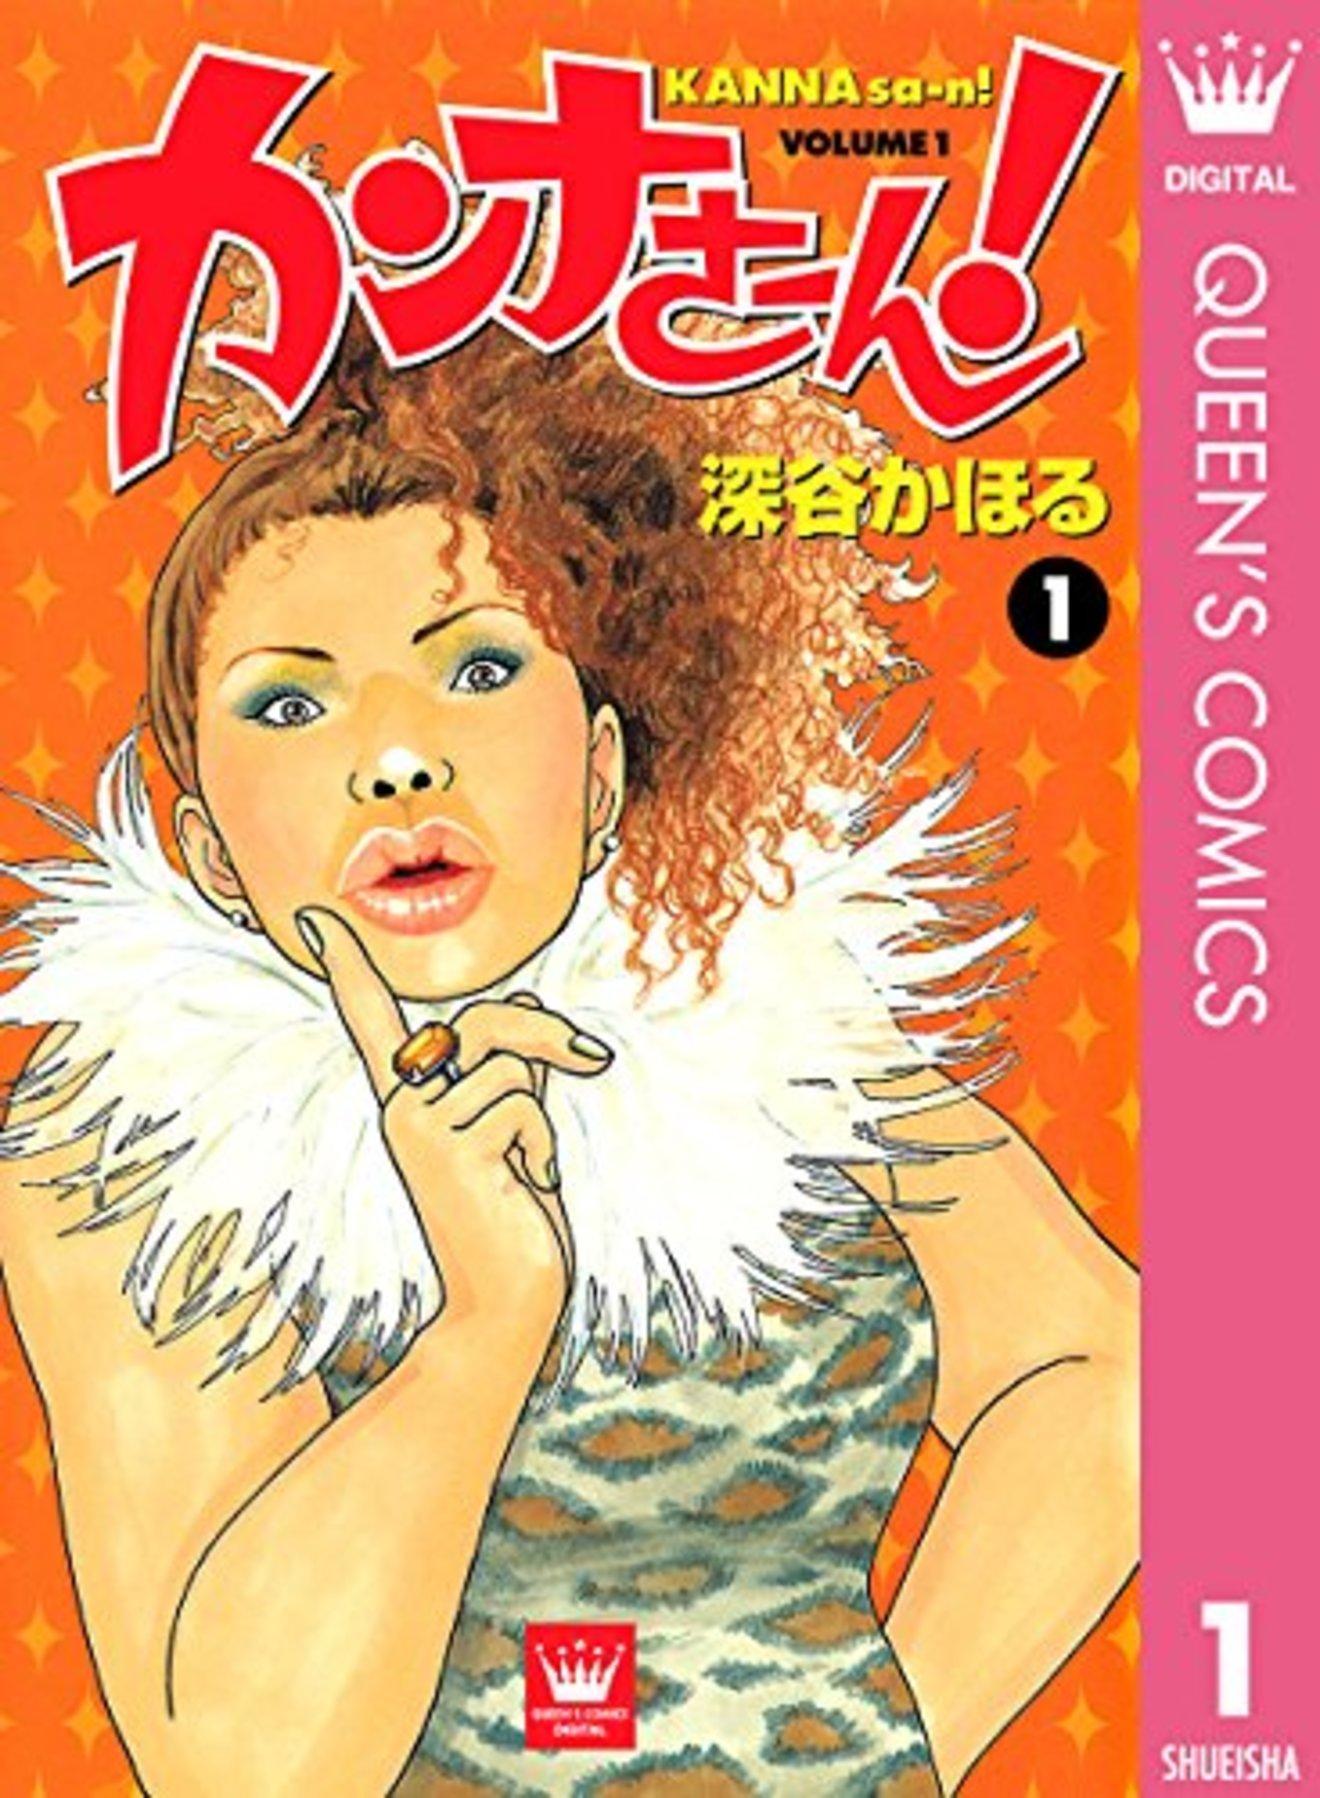 『カンナさーん!』の泣ける名言ネタバレ紹介!デブスの姉御に惚れる人情漫画